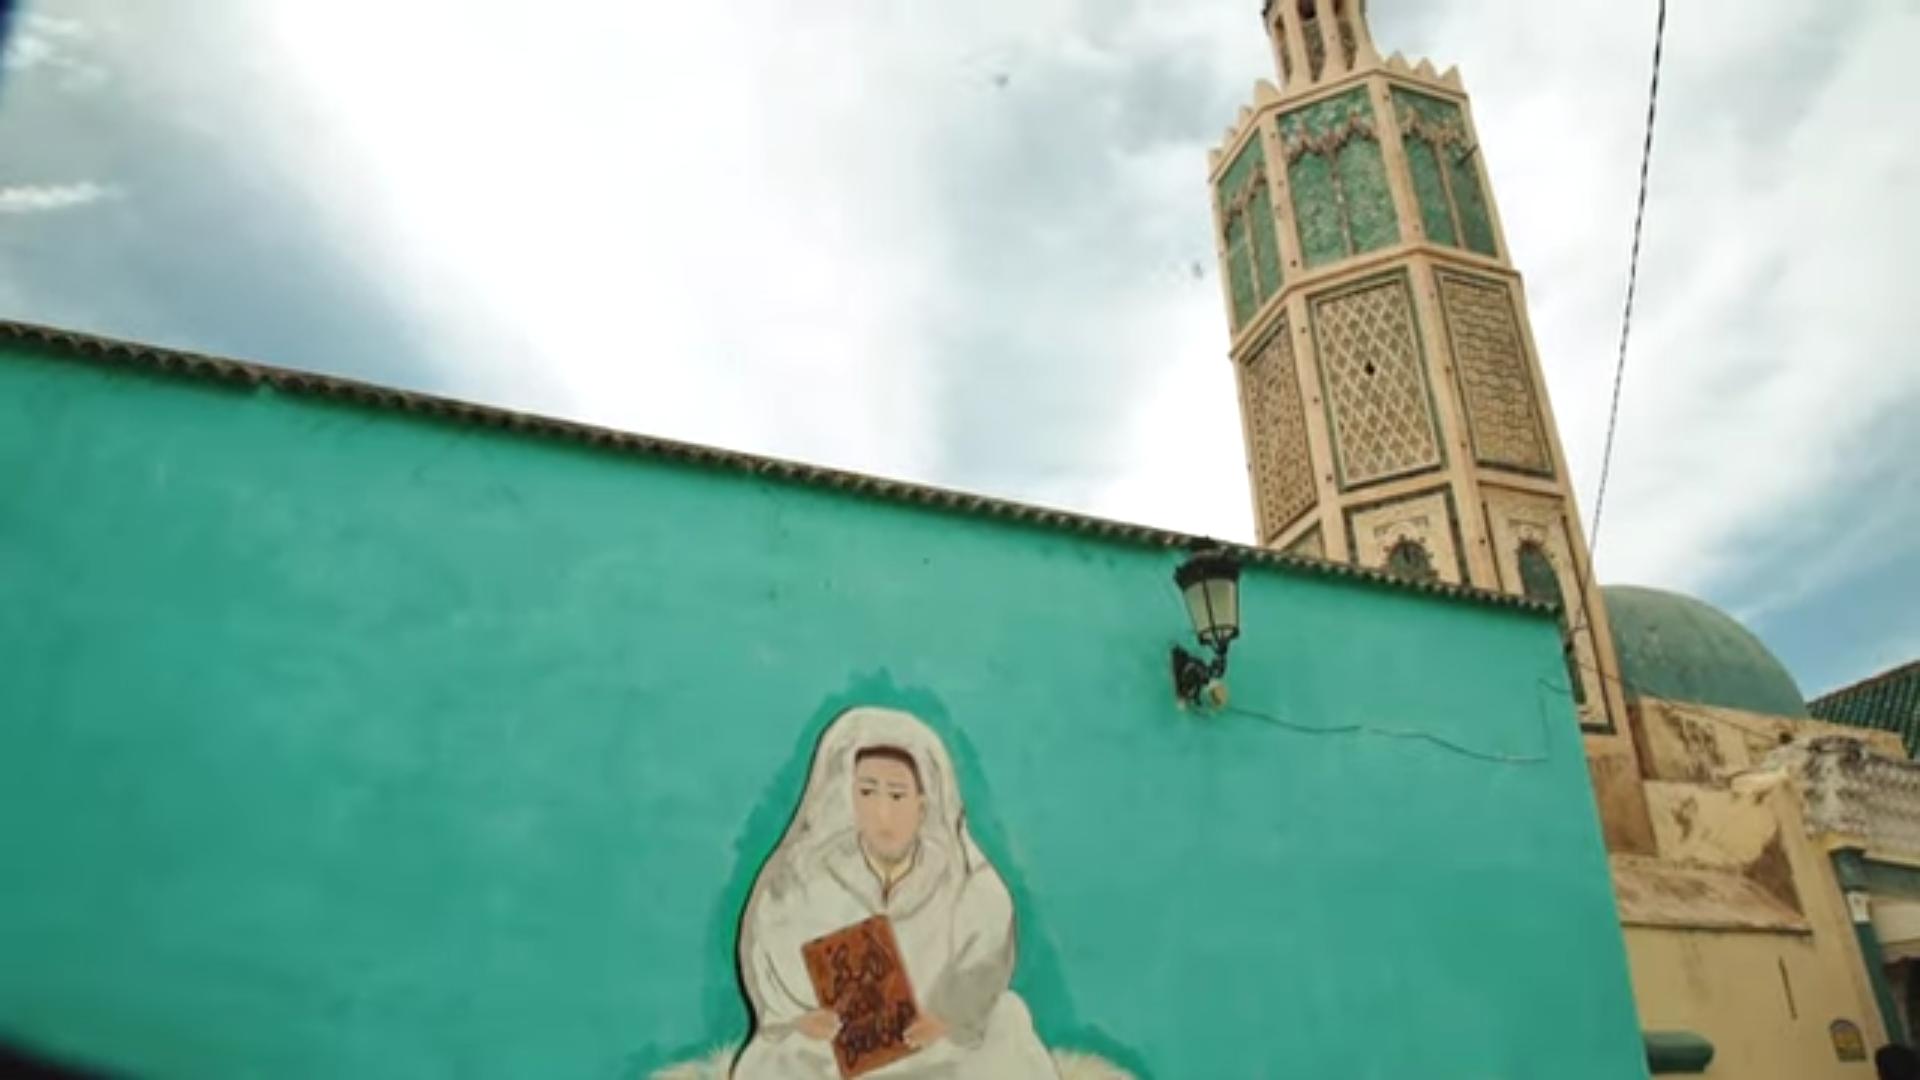 وثائقي عن عبقرية الاعتدال يخلق الحدث بمناسبة عيد العرش + فيديو